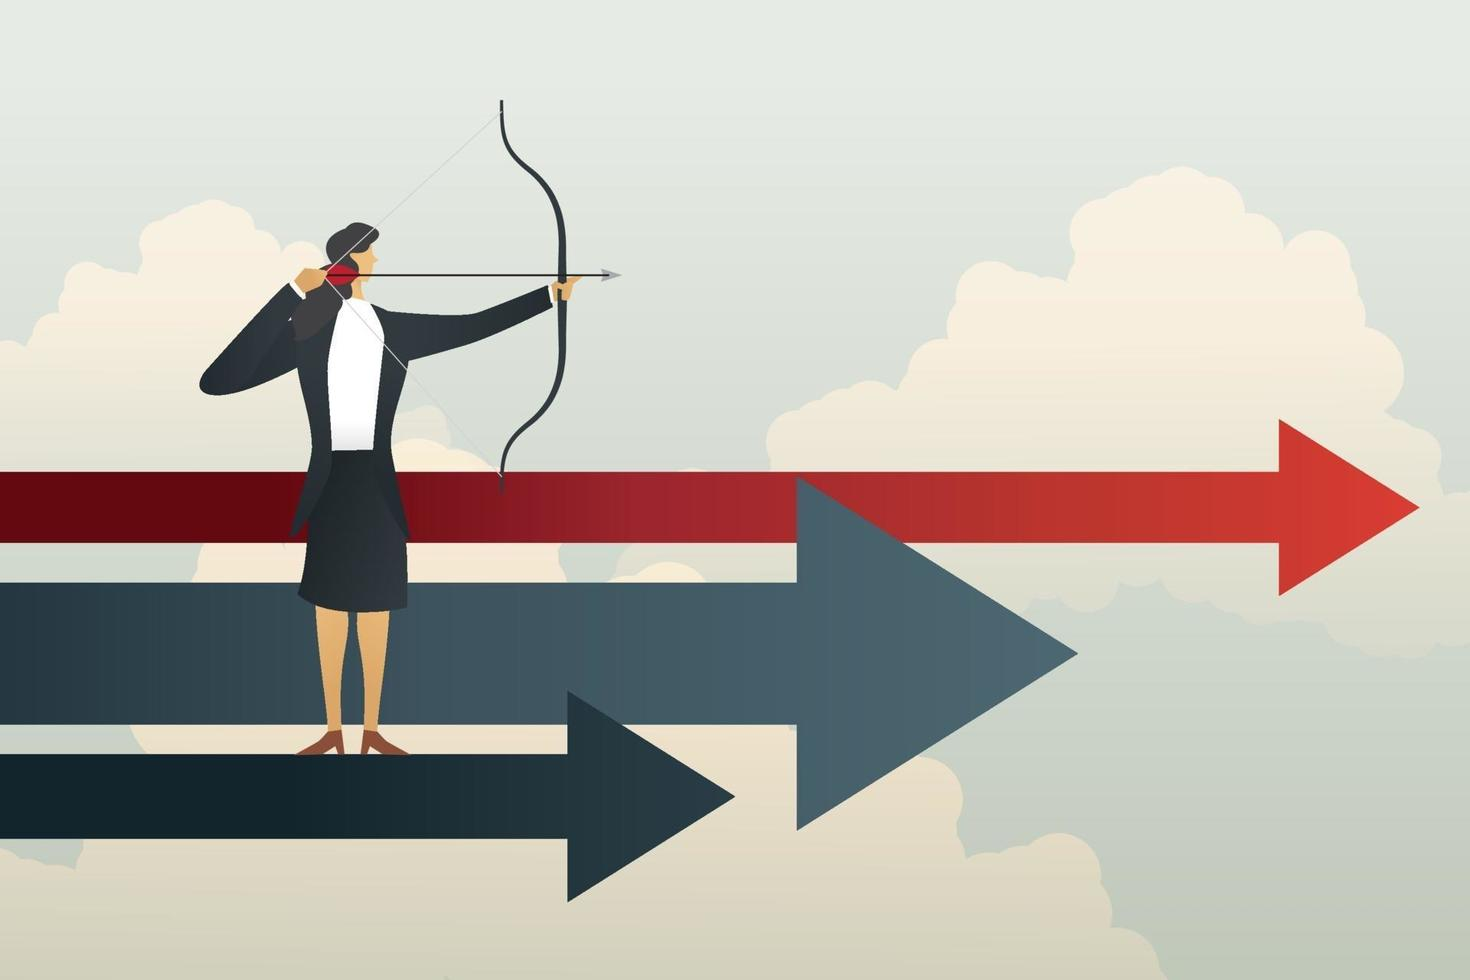 empresária visando objetivos bem-sucedidos vetor